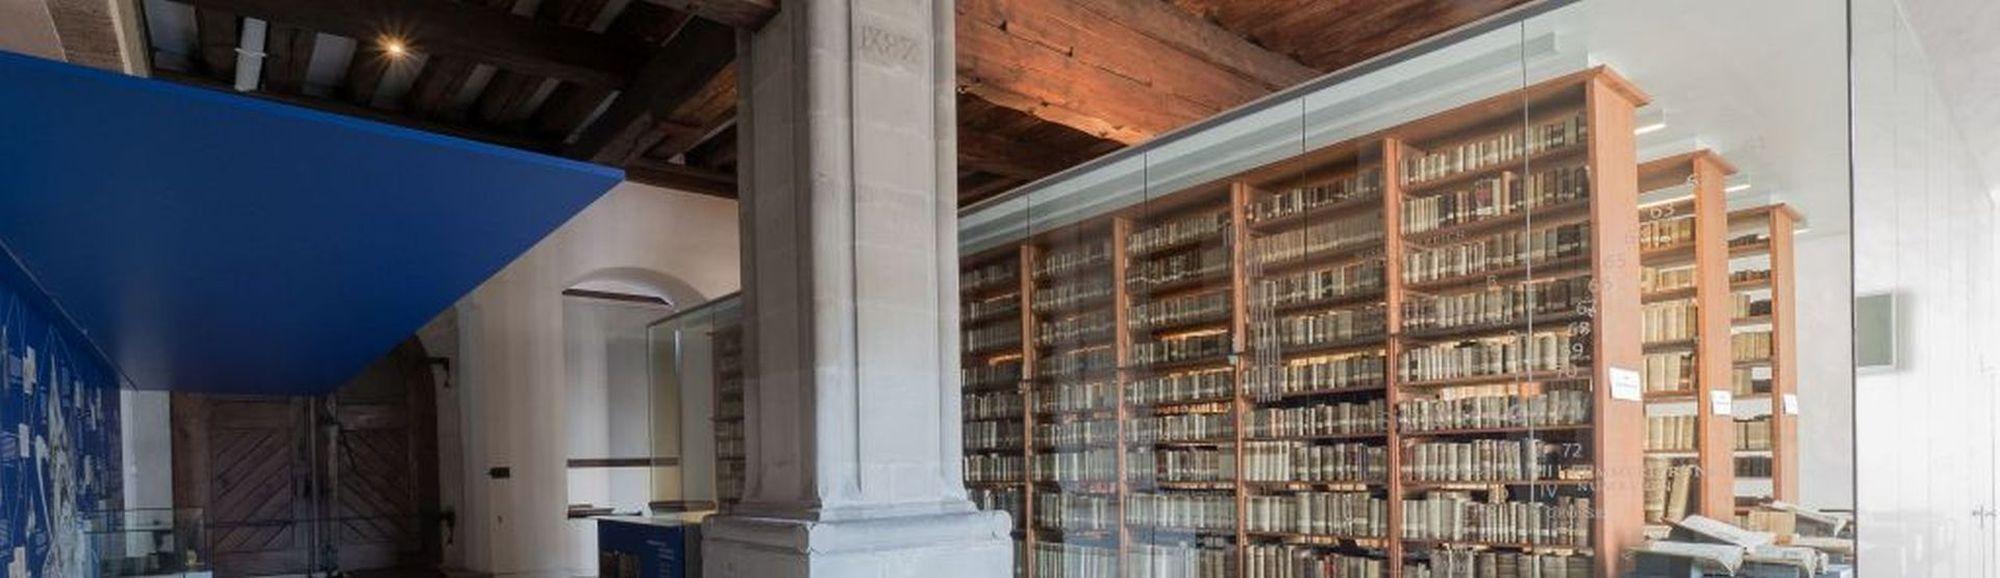 Die Ehemals Reichsstädtische Bibliothek Lindau (B)